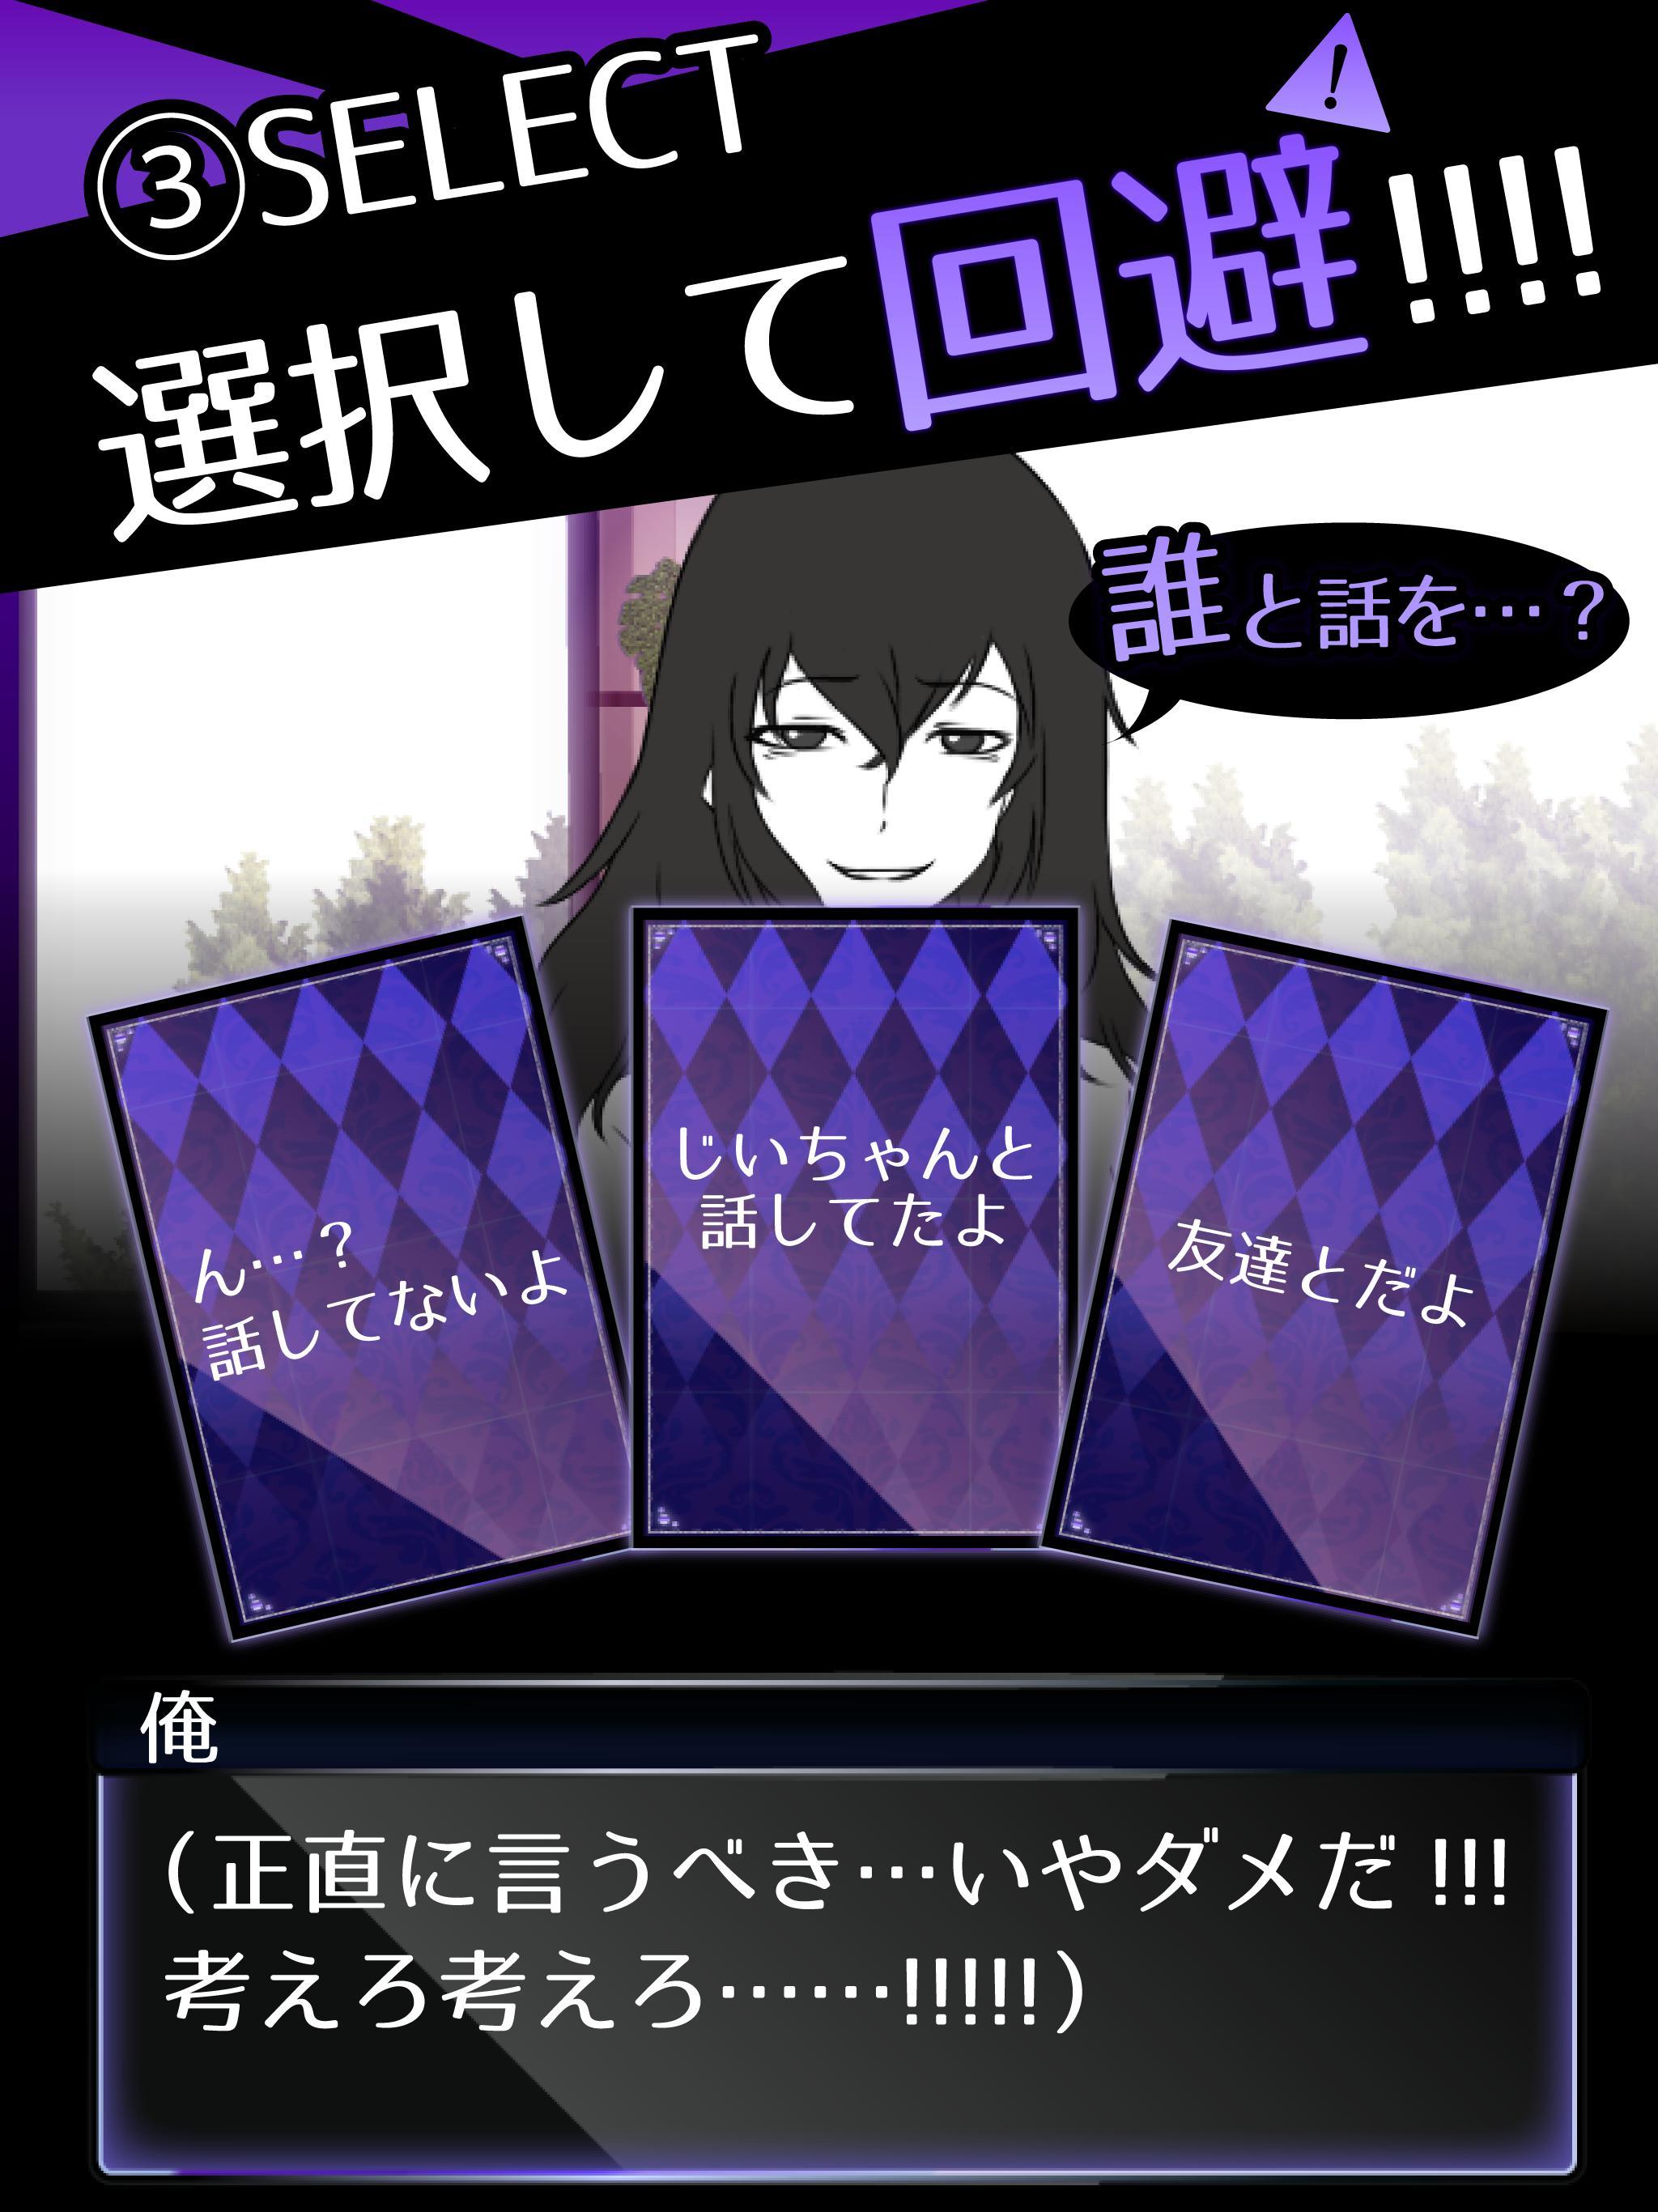 元カノは友達だから問題ない 1.6.0 Screenshot 9